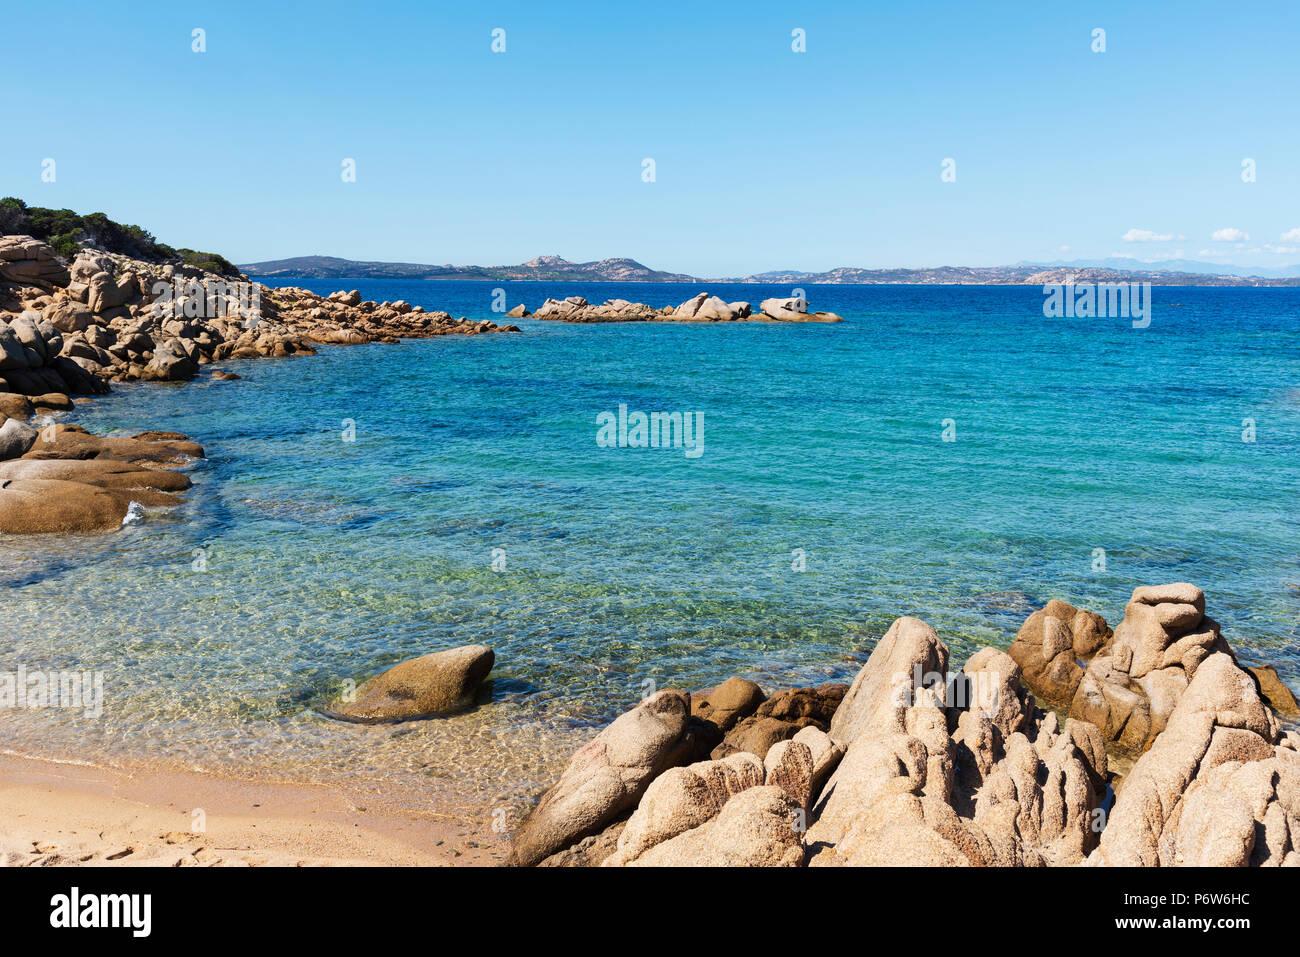 Una vista de las Formaciones rocosas peculiares en Cala Ginepro beach, en la famosa Costa Smeralda, Cerdeña, Italia Imagen De Stock